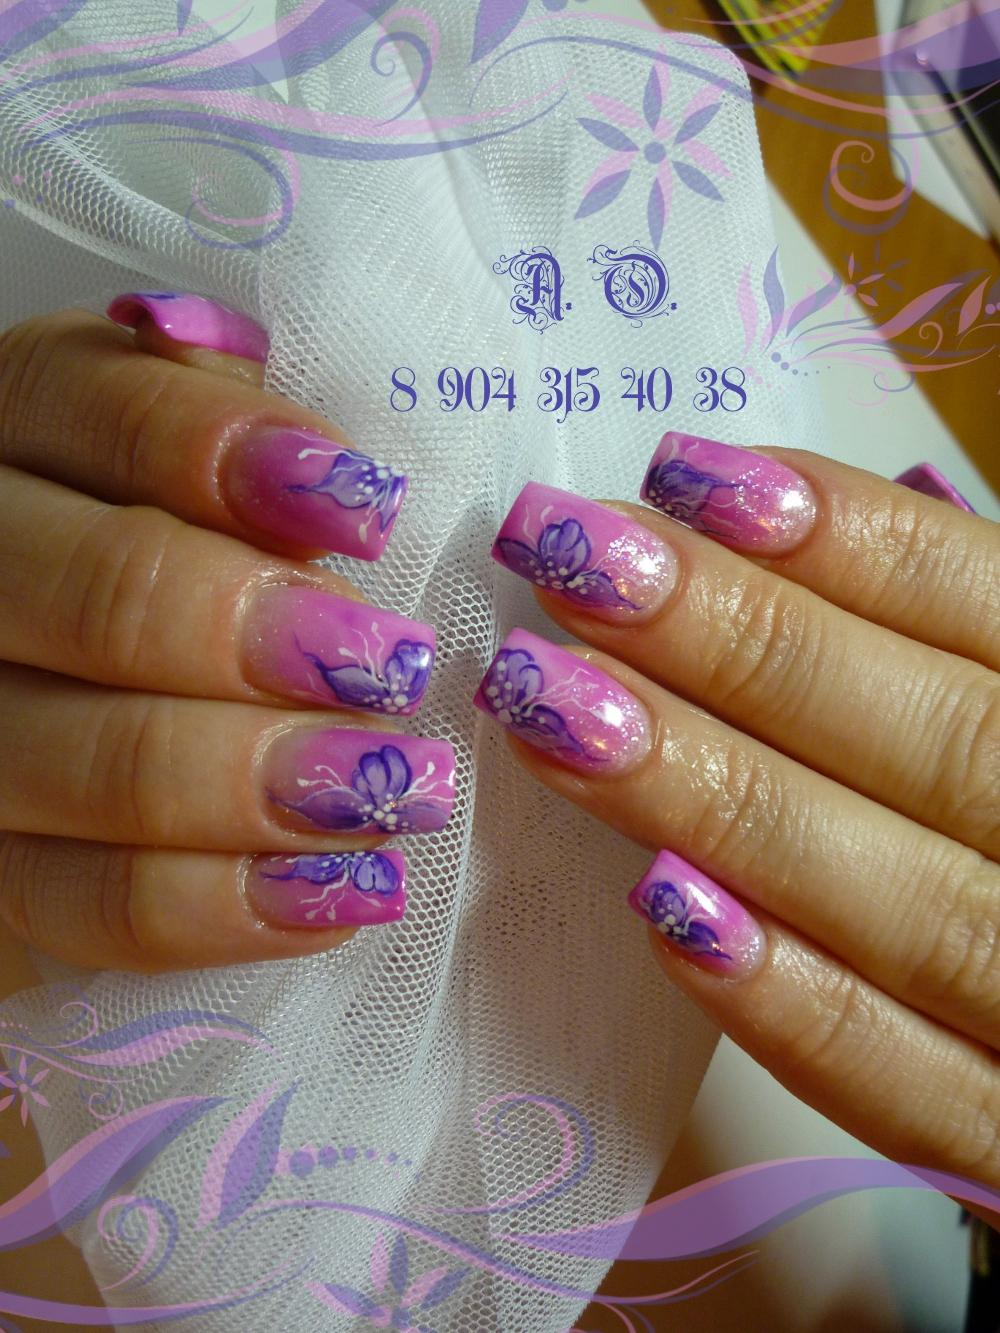 Акриловое покрытие для ногтей фото